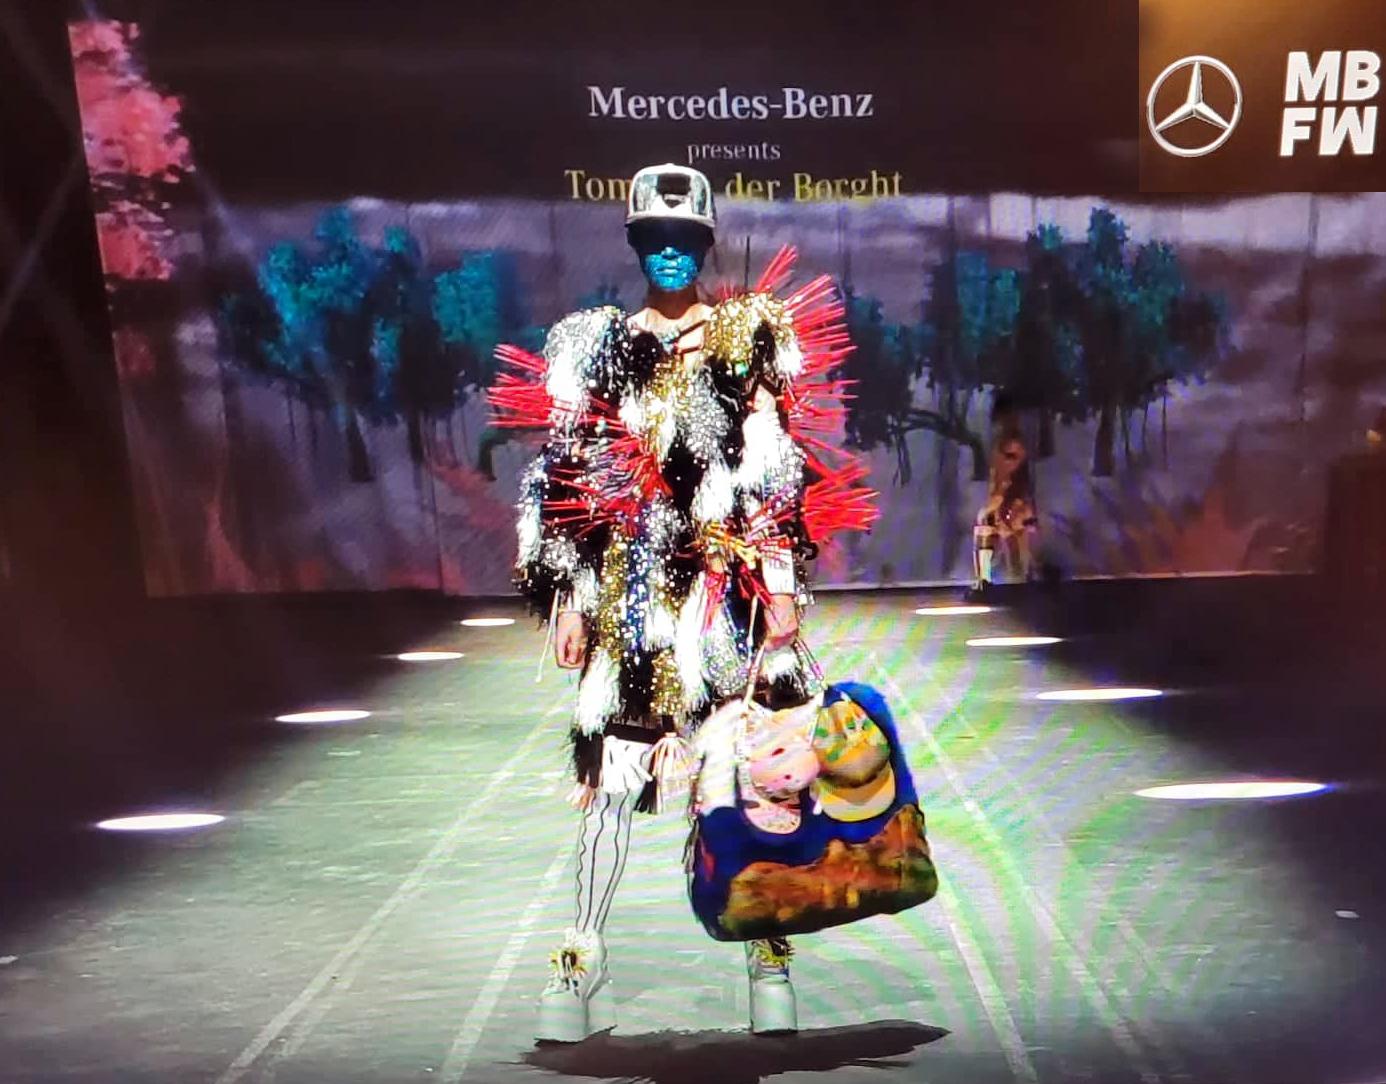 Mercedes Benz Fashion Week Berlin, Fashion Week Berlin, Designer, Label, Laufsteg, Font Row, kein Publikum, digitale Vorstellung, Danny Reinke, Tom van der Borght, Lana Müller, MC Cain, Mode, Herbst, Winter 21, Modemesse